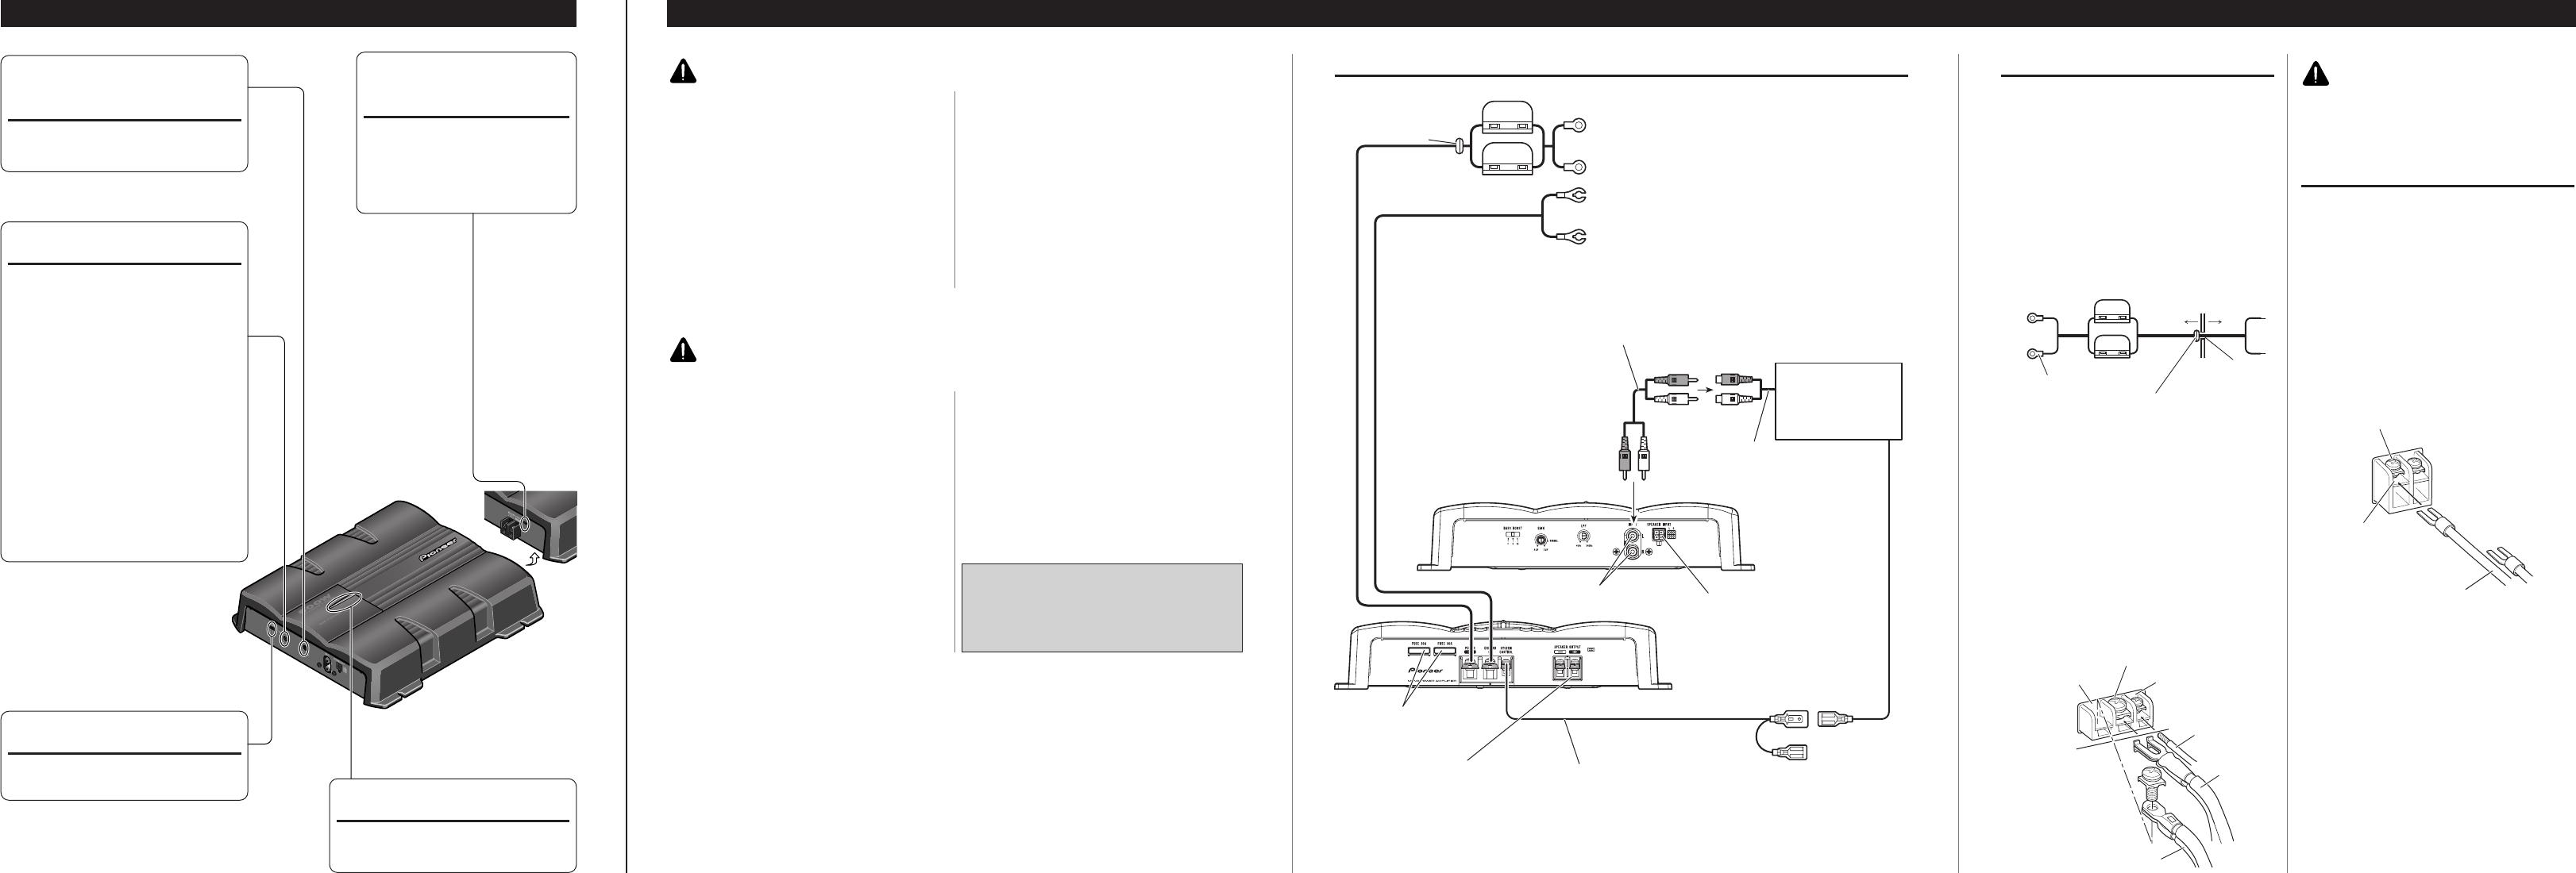 Avic X930bt Wiring Harness